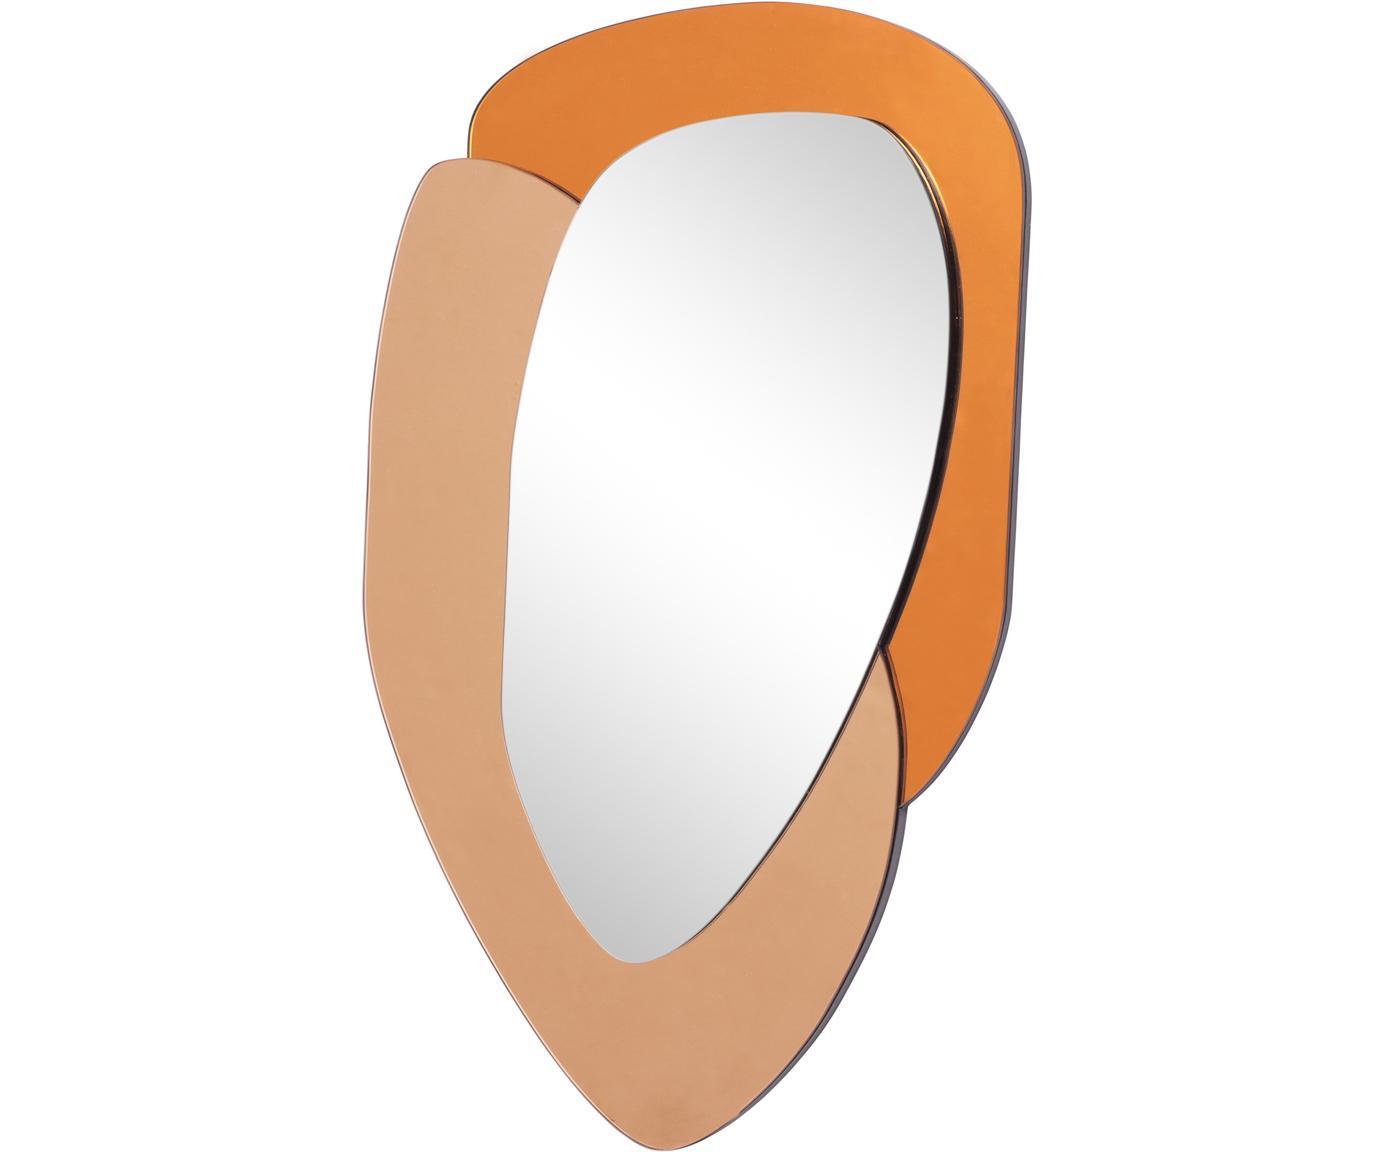 Espejo de pared Layer, marco de vidrio, Cristal, Naranja, caramelo, An 48 x Al 76 cm